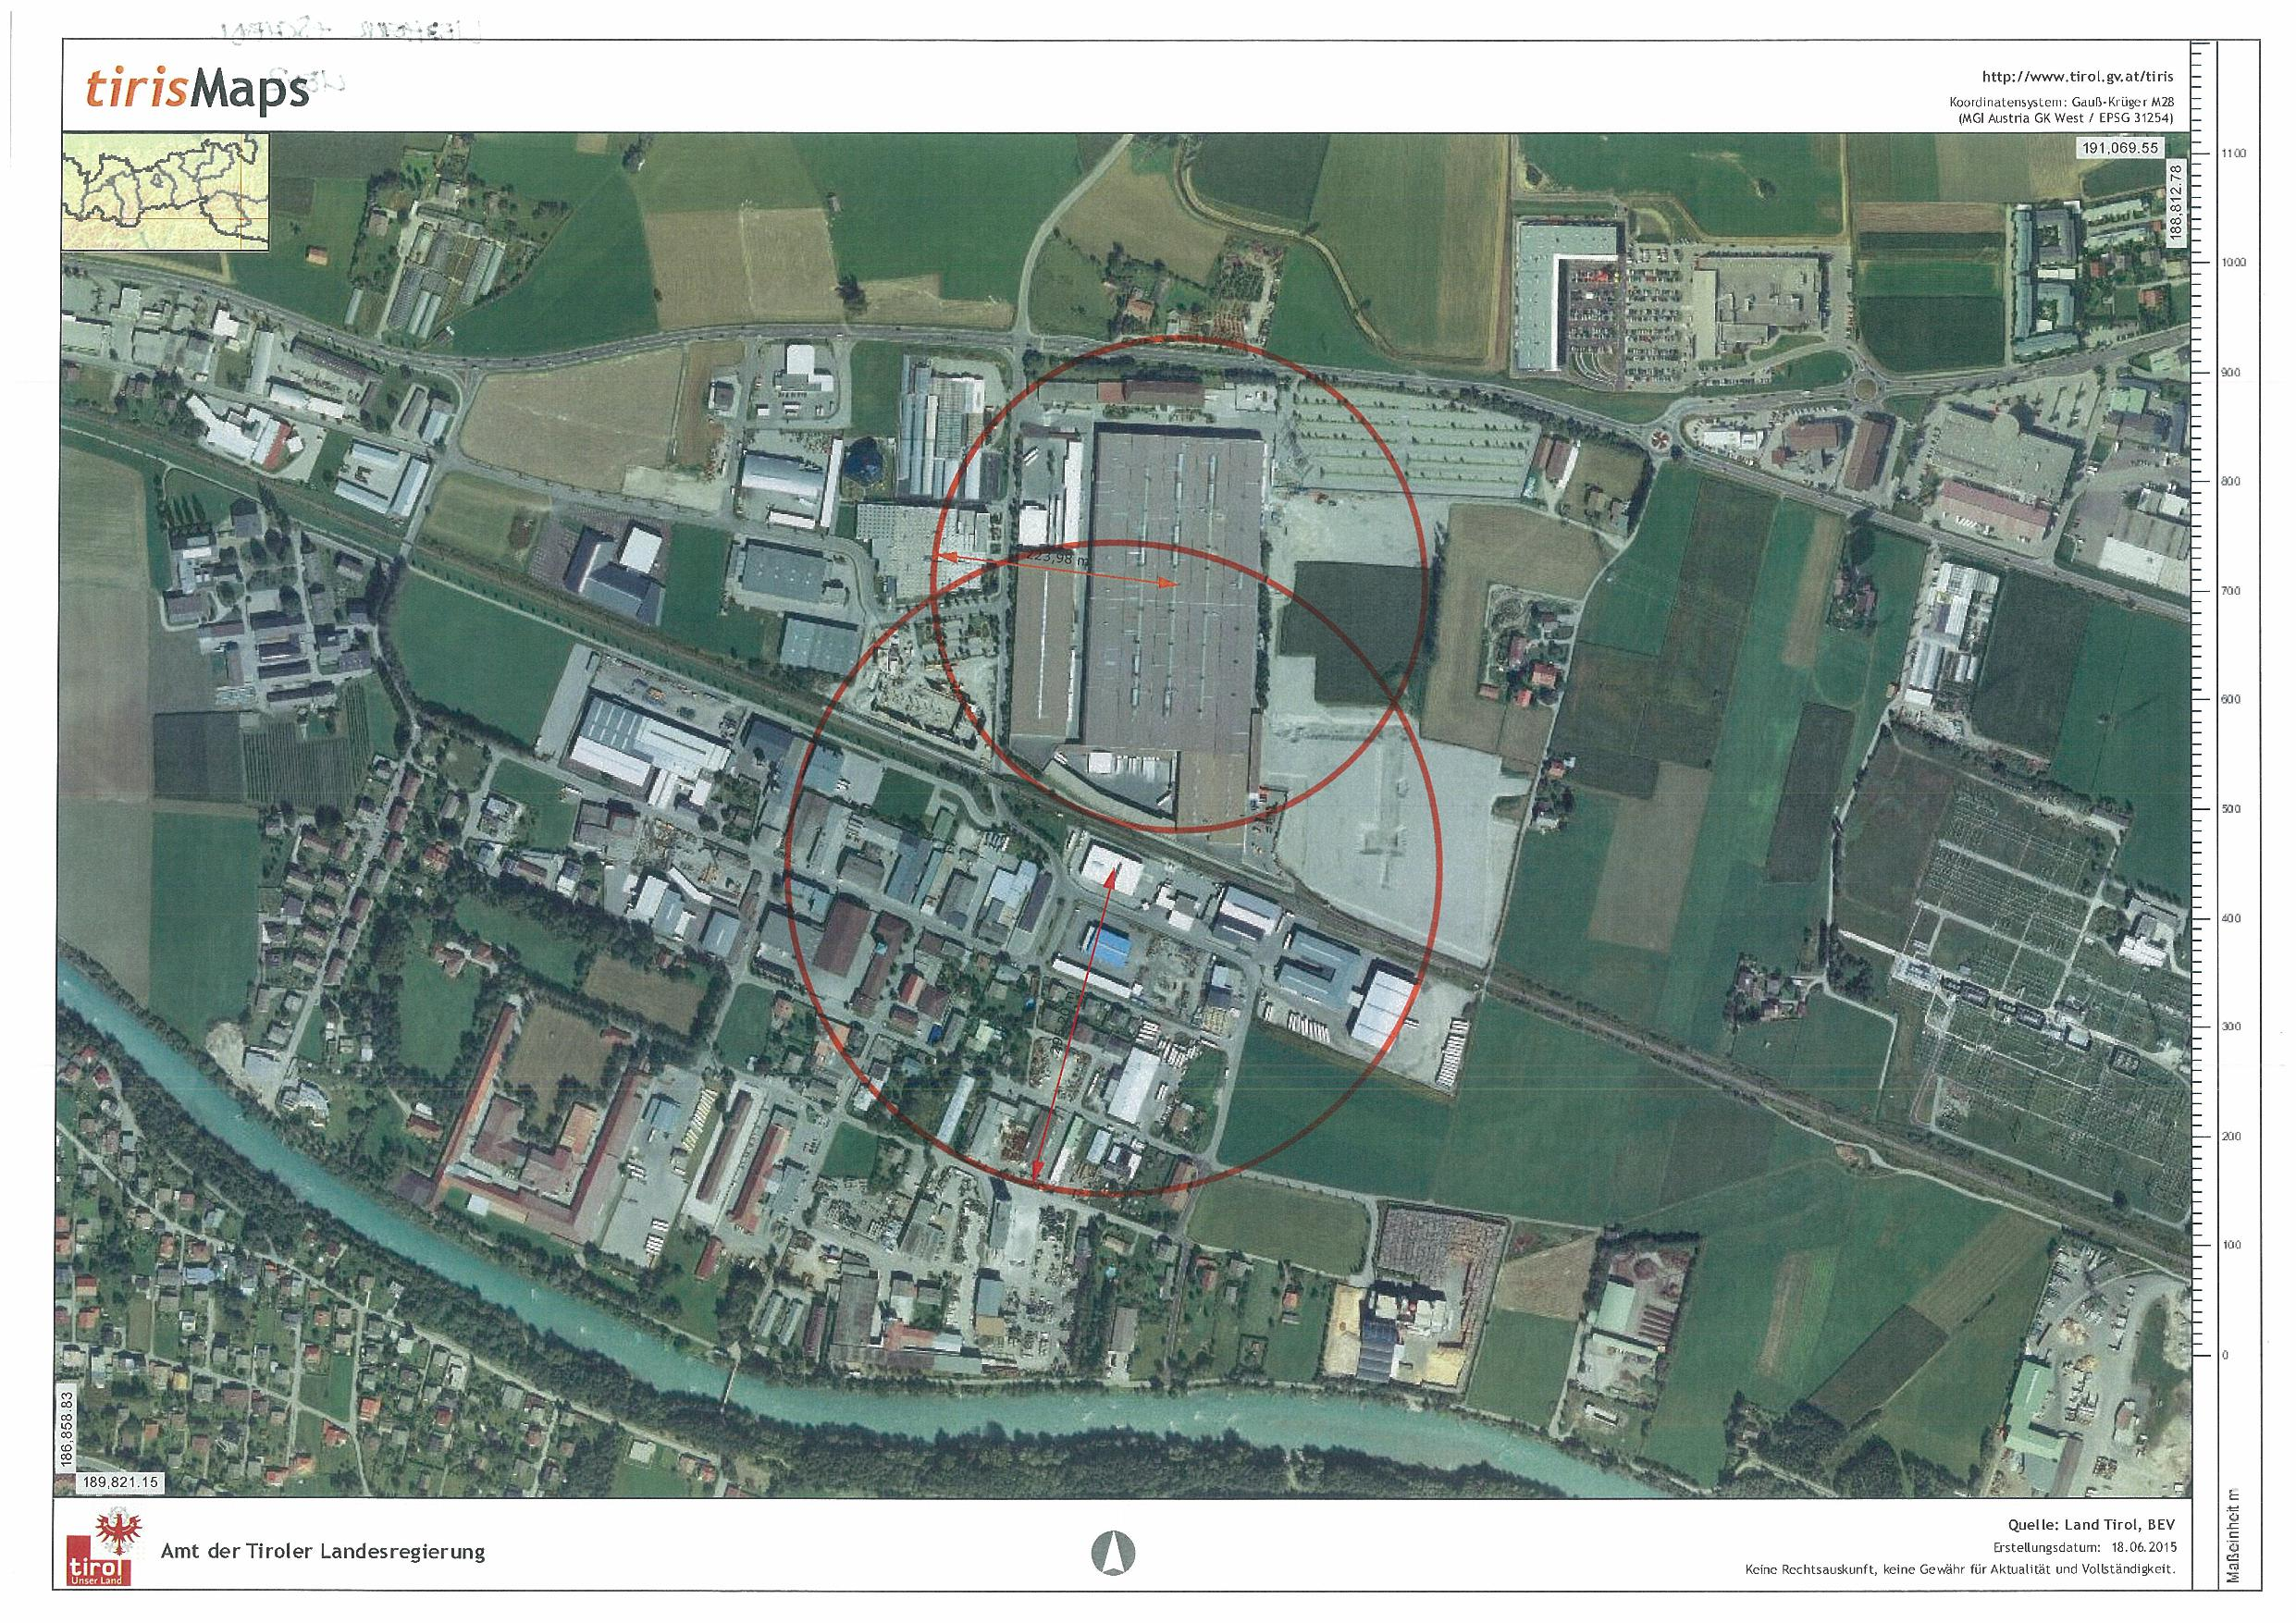 Gfährdungszone der Seveso-Betriebe Liebherr und Schedl in Lienz